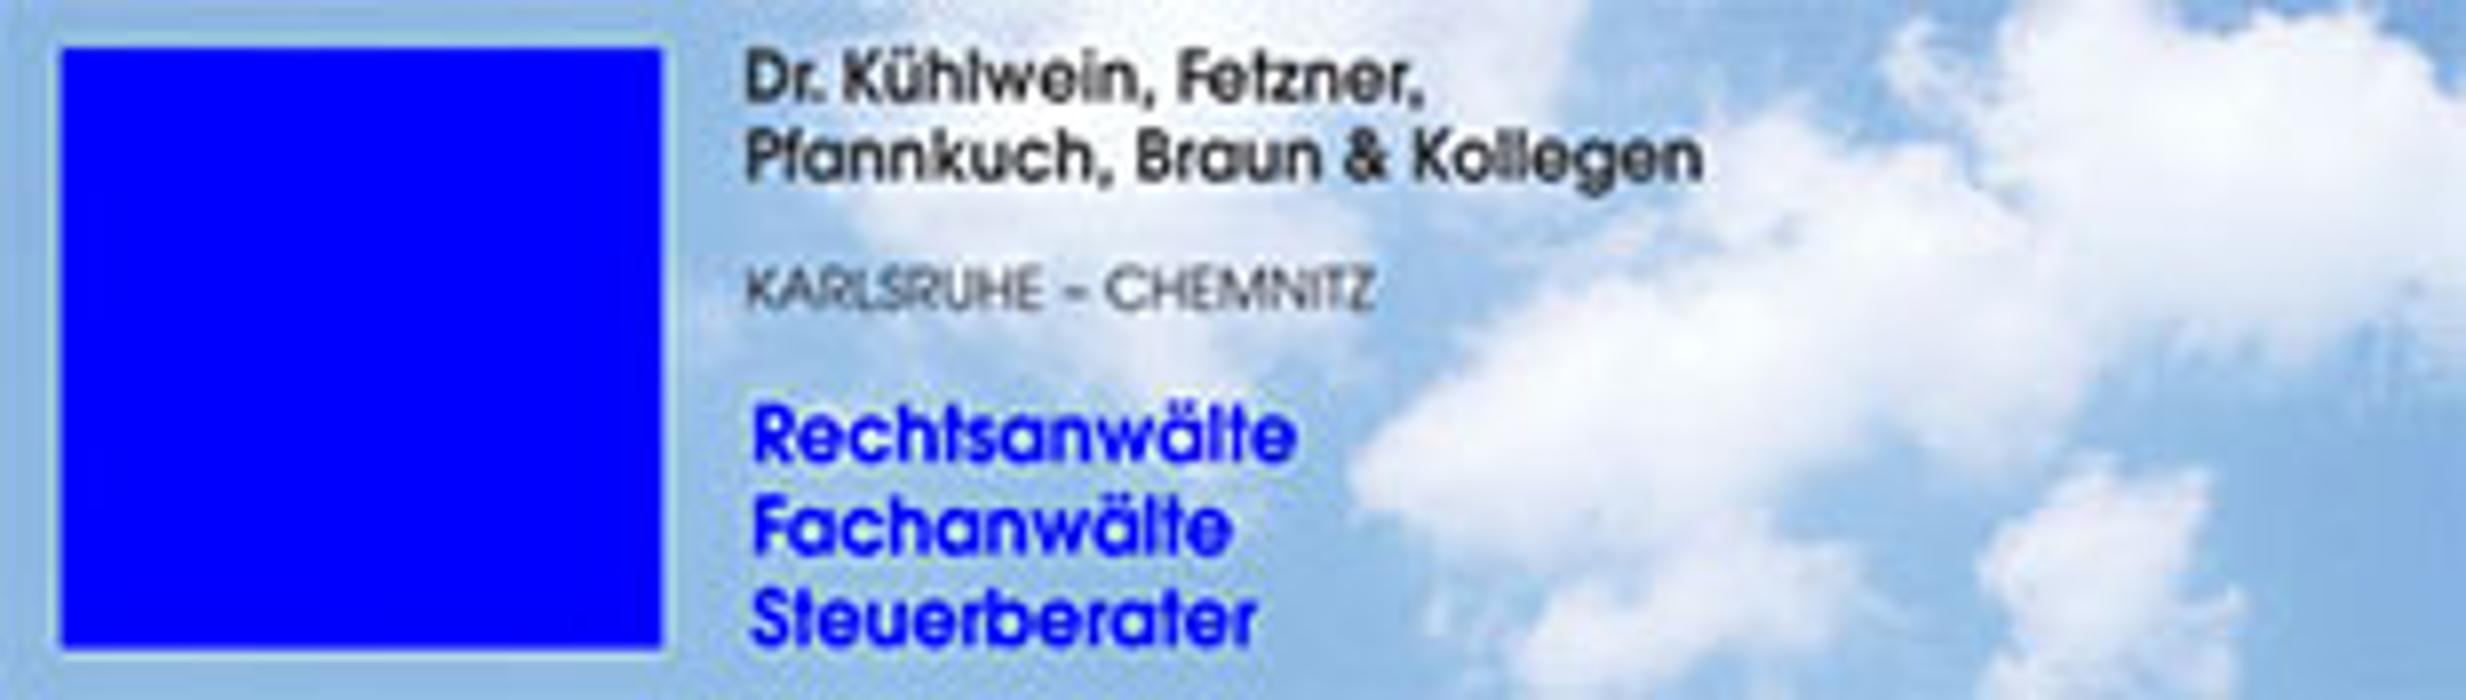 Bild zu Rechtsanwälte Dr. Kühlwein, Fetzner, Pfannkuch & Kollegen in Karlsruhe